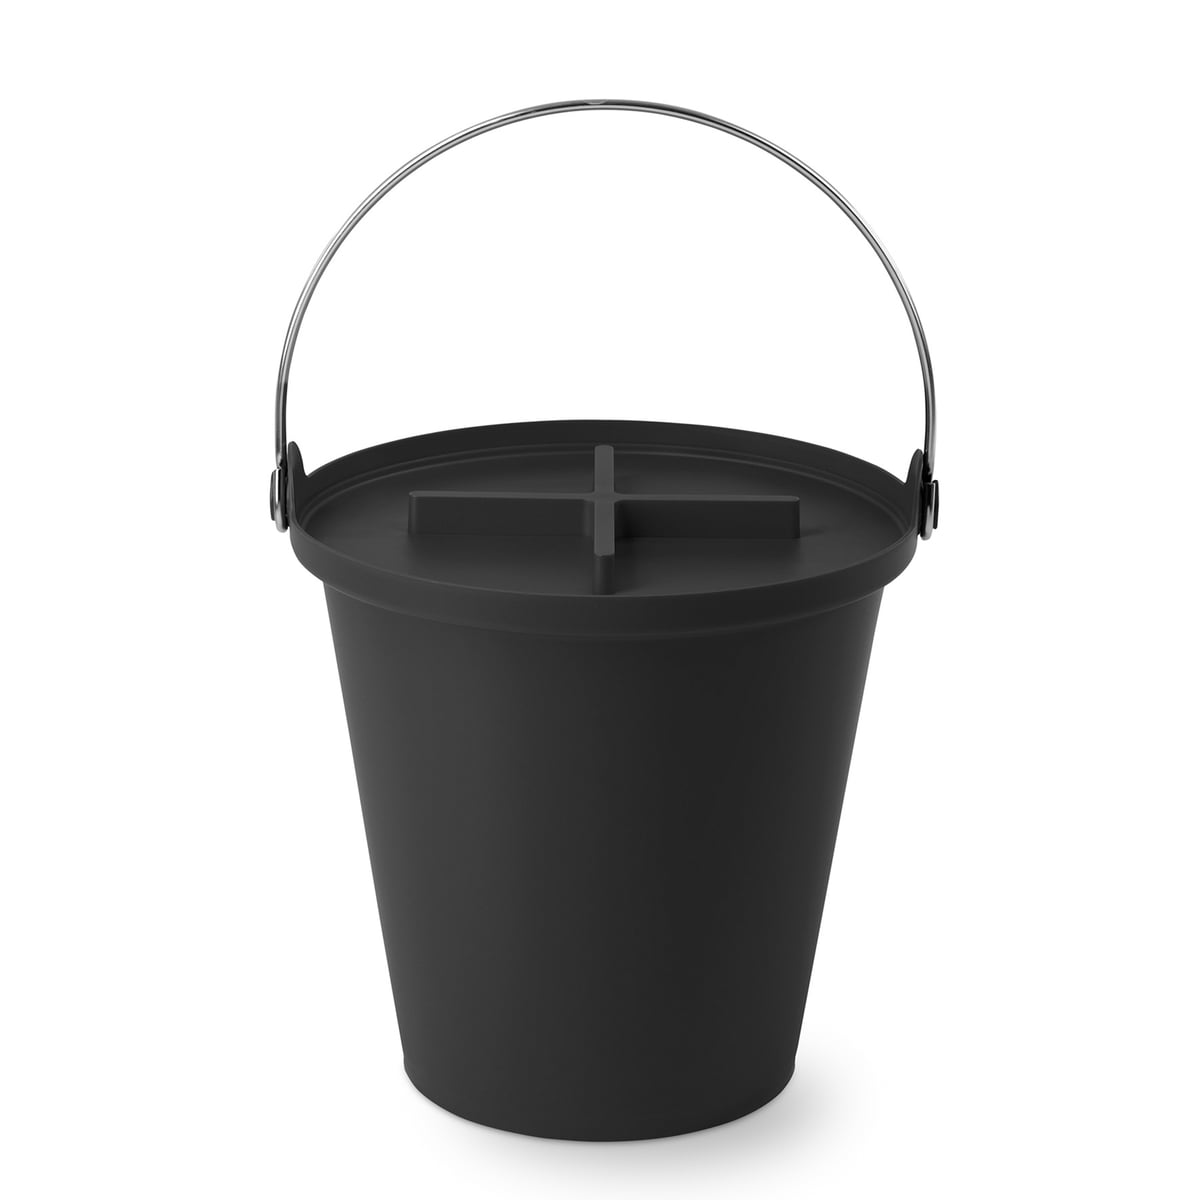 Authentics - H2O Eimer + Deckel, schwarz / Metall | Küche und Esszimmer > Küchen-Zubehör > Mülleimer | Schwarz | Polypropylen / metall | authentics